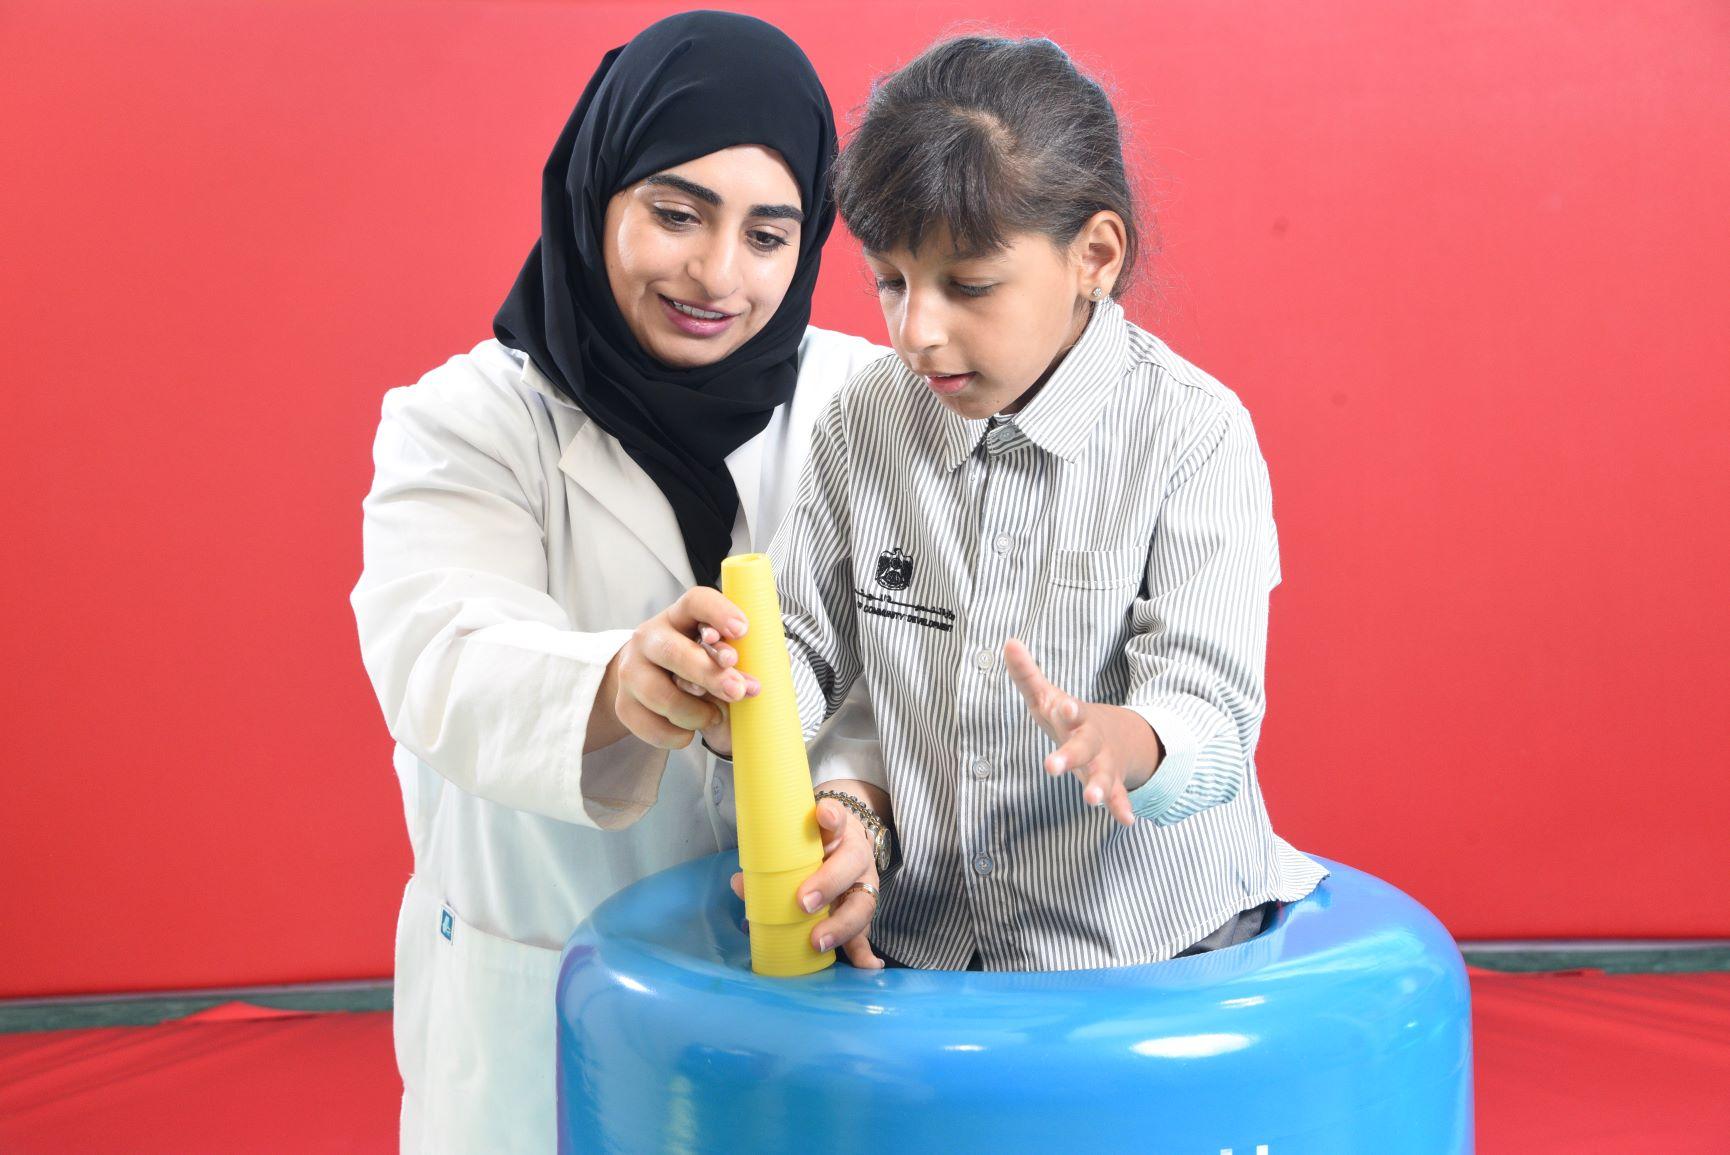 """""""تنمية المجتمع""""  تصدر دليل خدمات الأسرة في برنامج الإمارات للتدخل المبكر"""